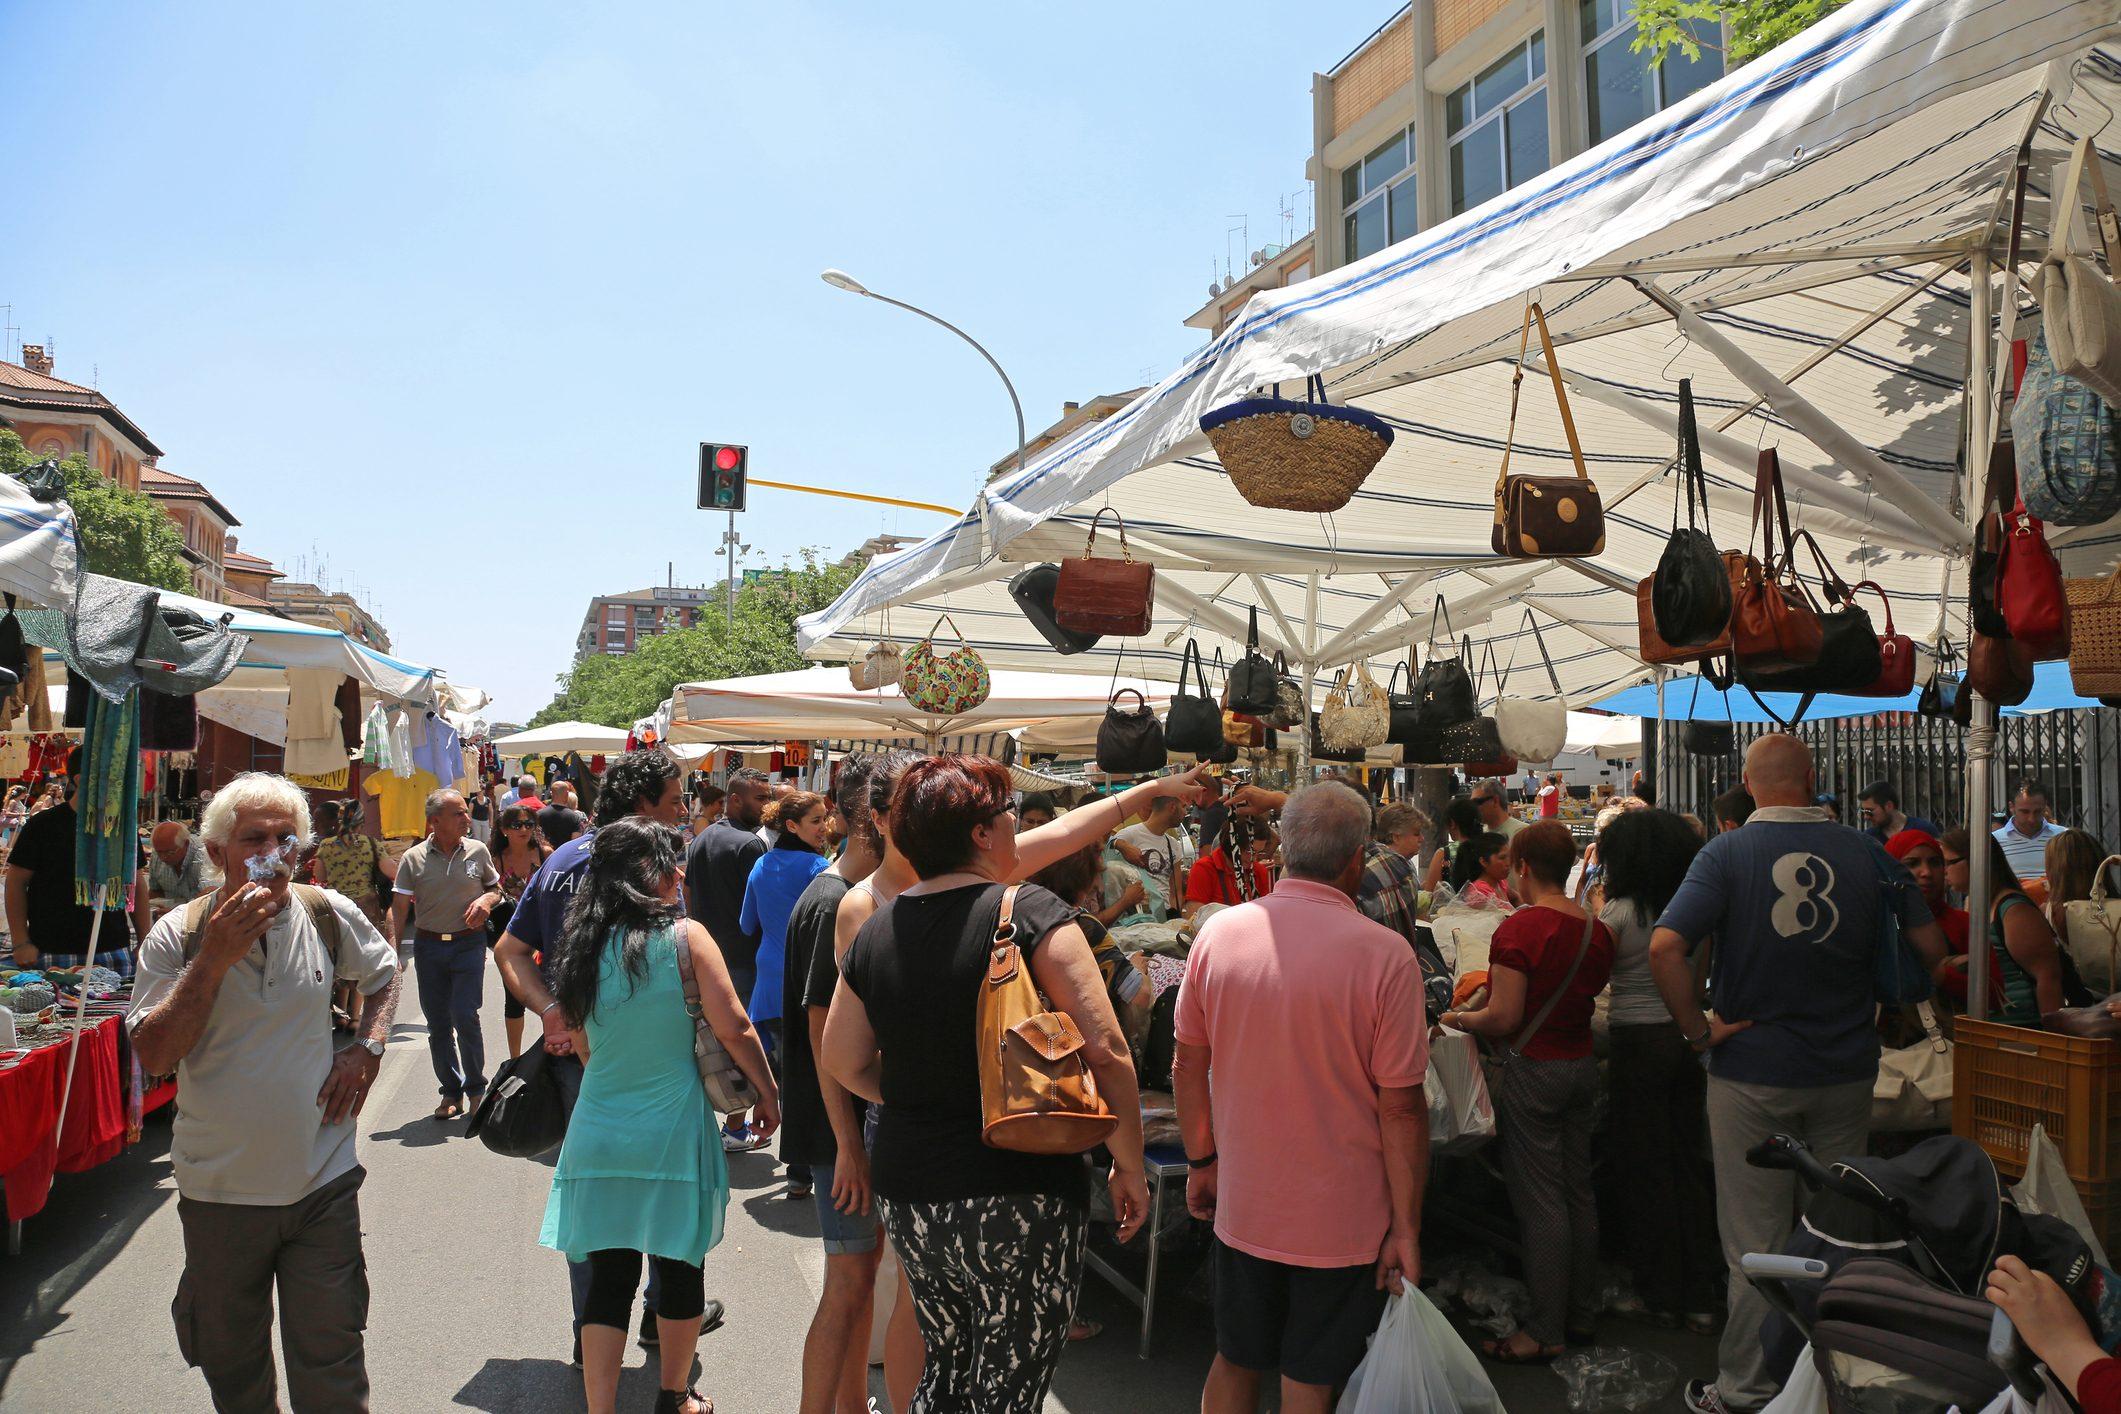 A Roma il mercato storico di Porta Portese a rischio chiusura